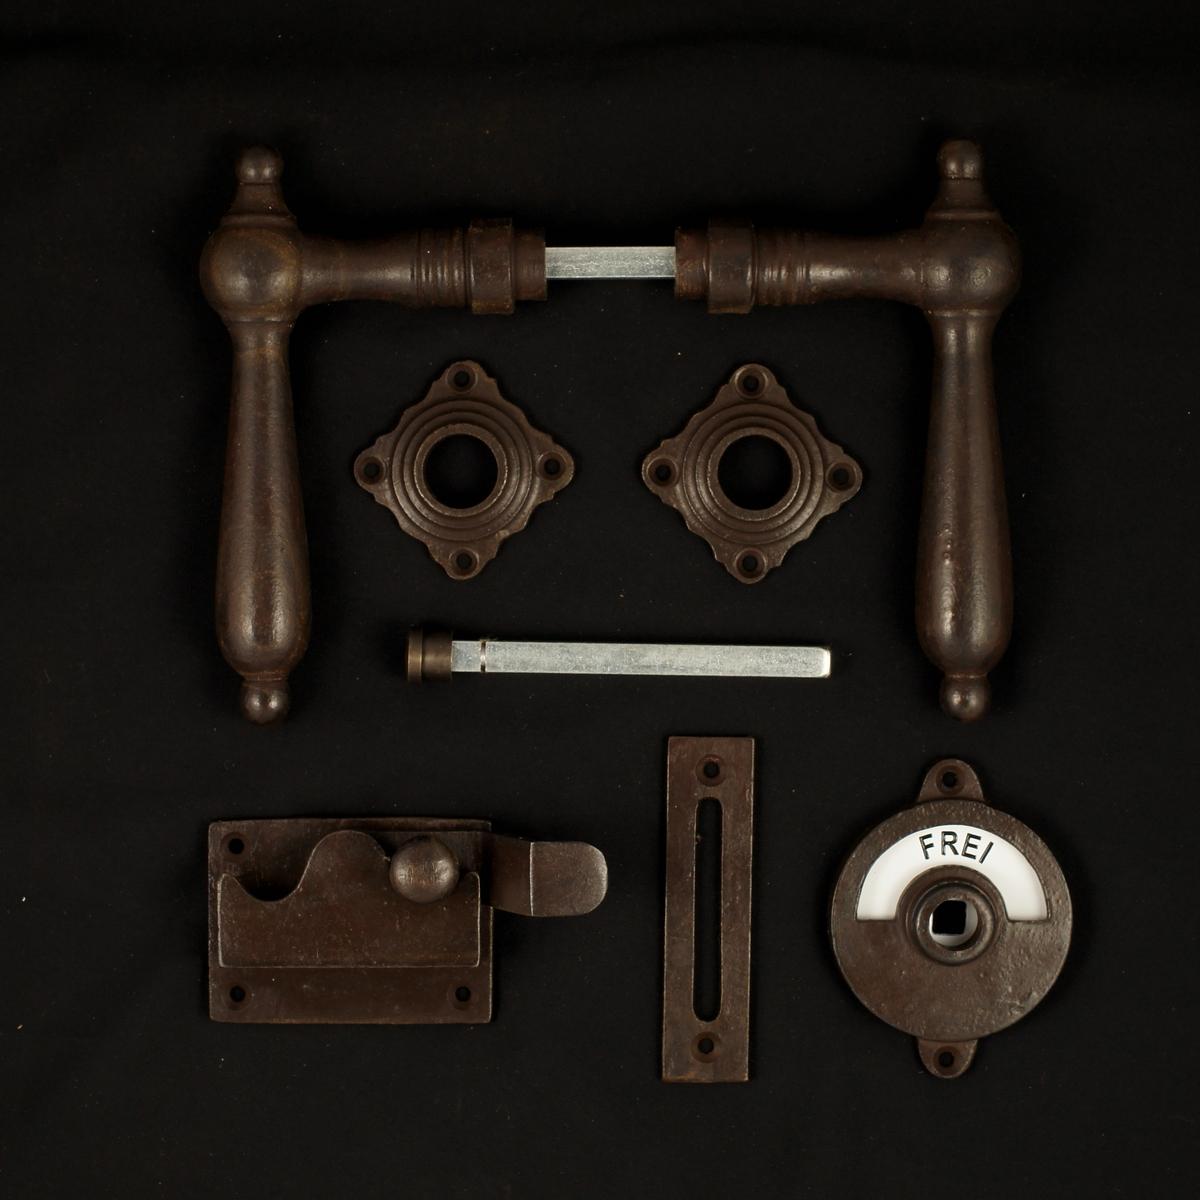 341.0164.60 WC-Zimmertür Rosettengarnitur - antike Türdrücker, Türklinken, Türbeschläge